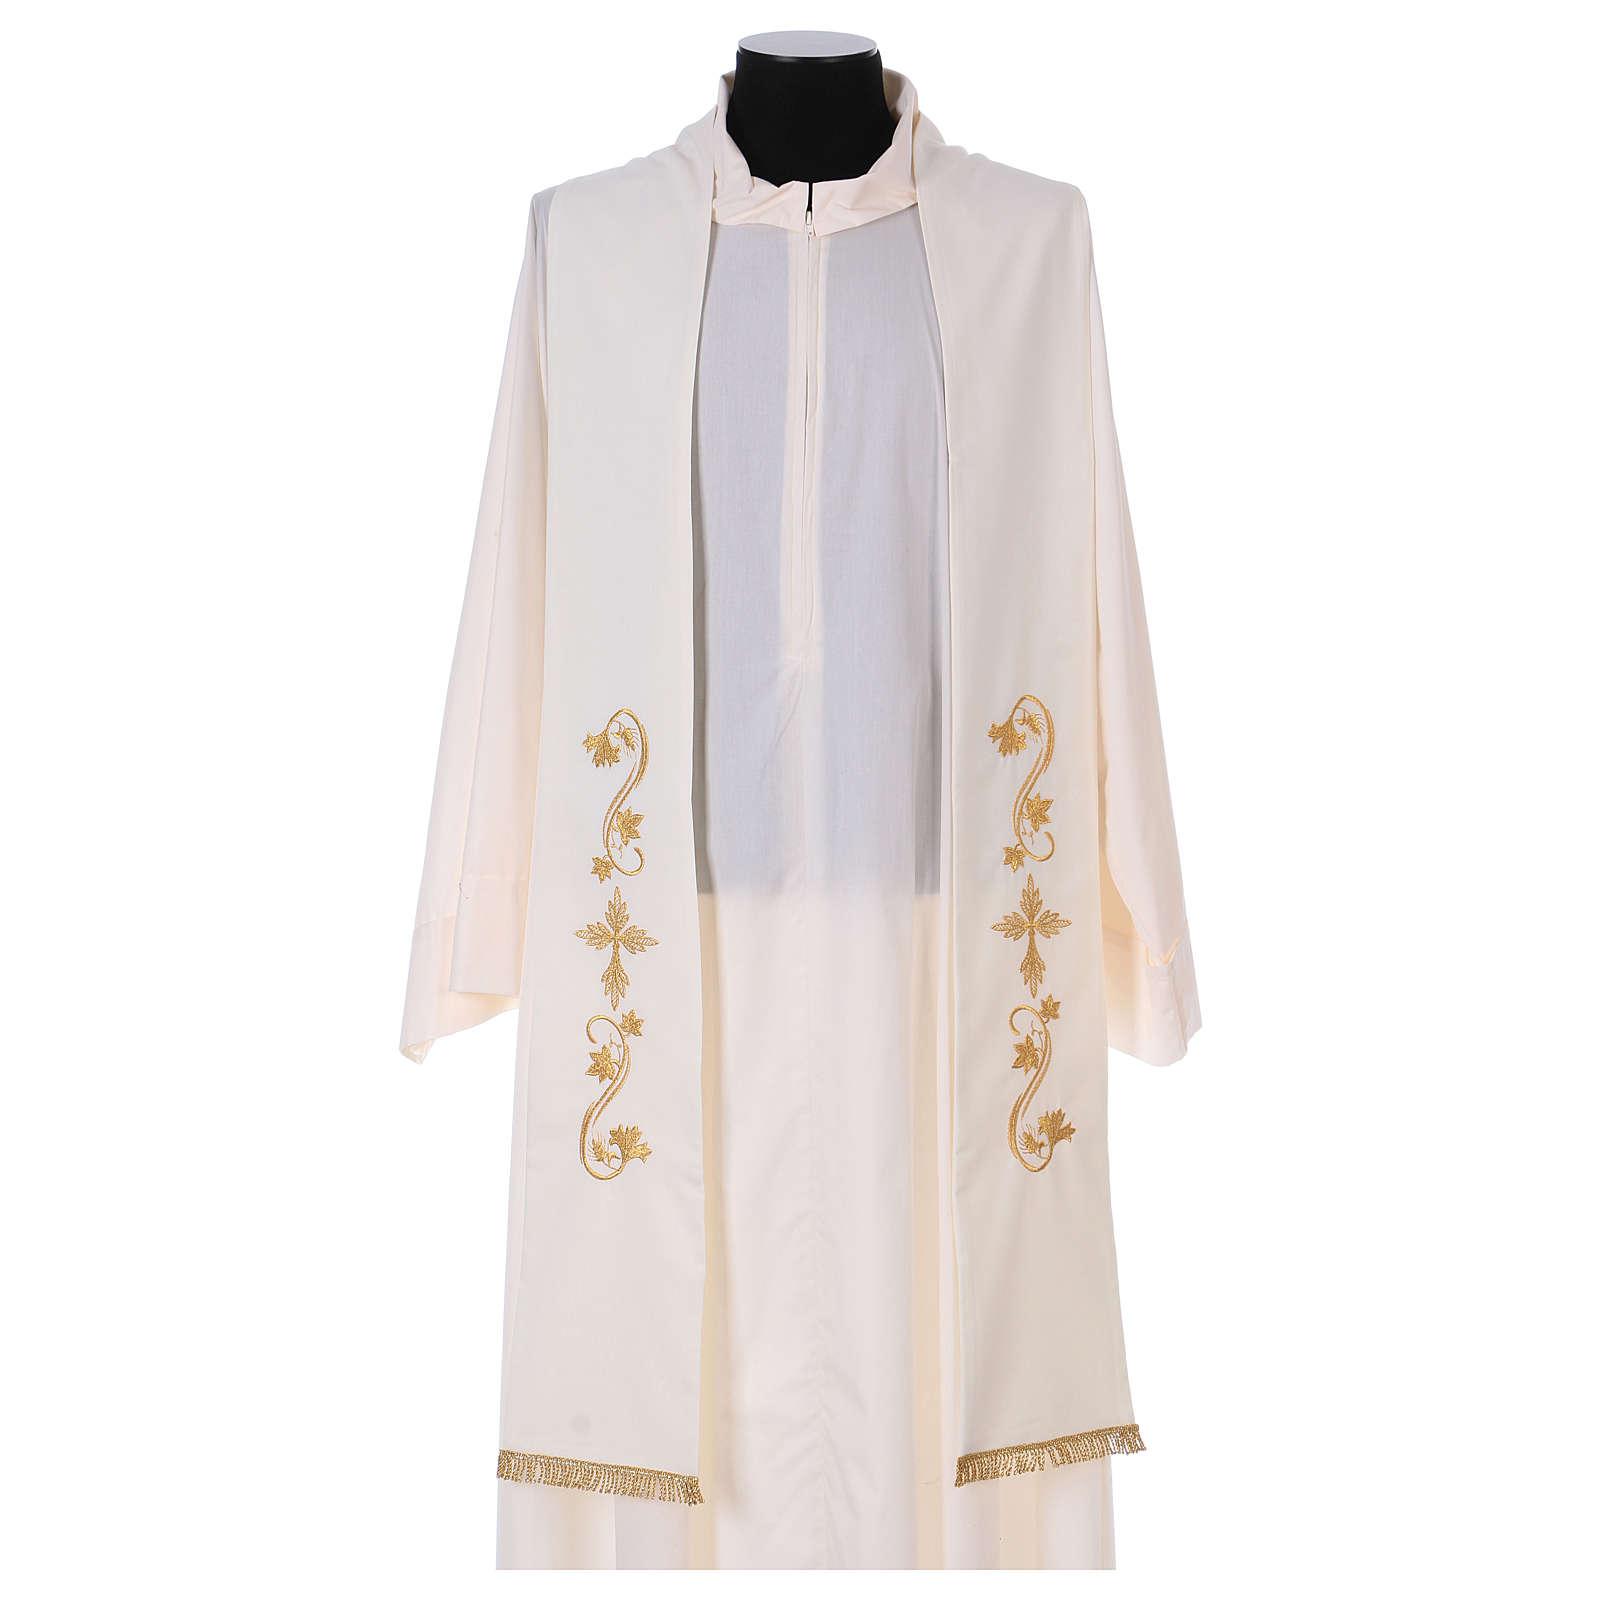 Stuła kapłańska płótno watykańskie 4